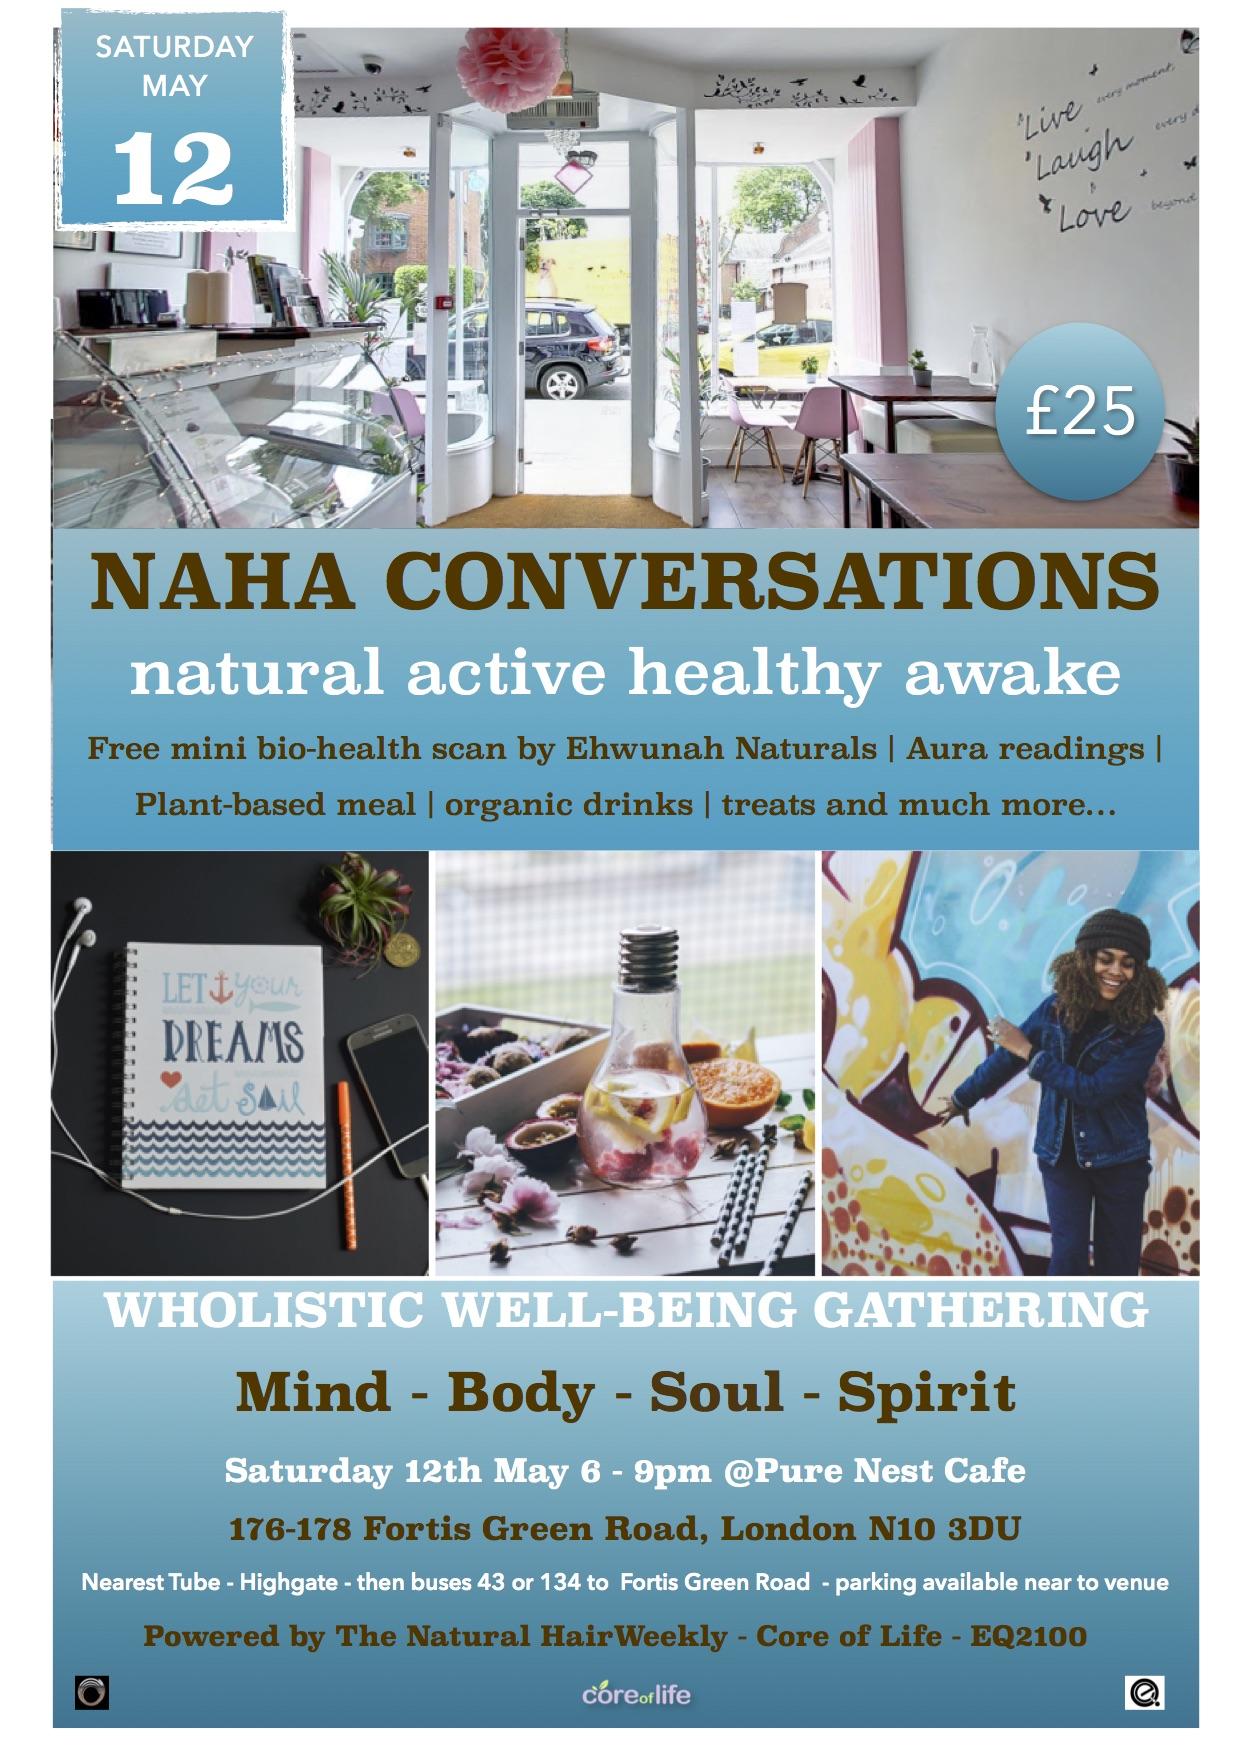 NAHA Conversations Promo - May 2018.jpg